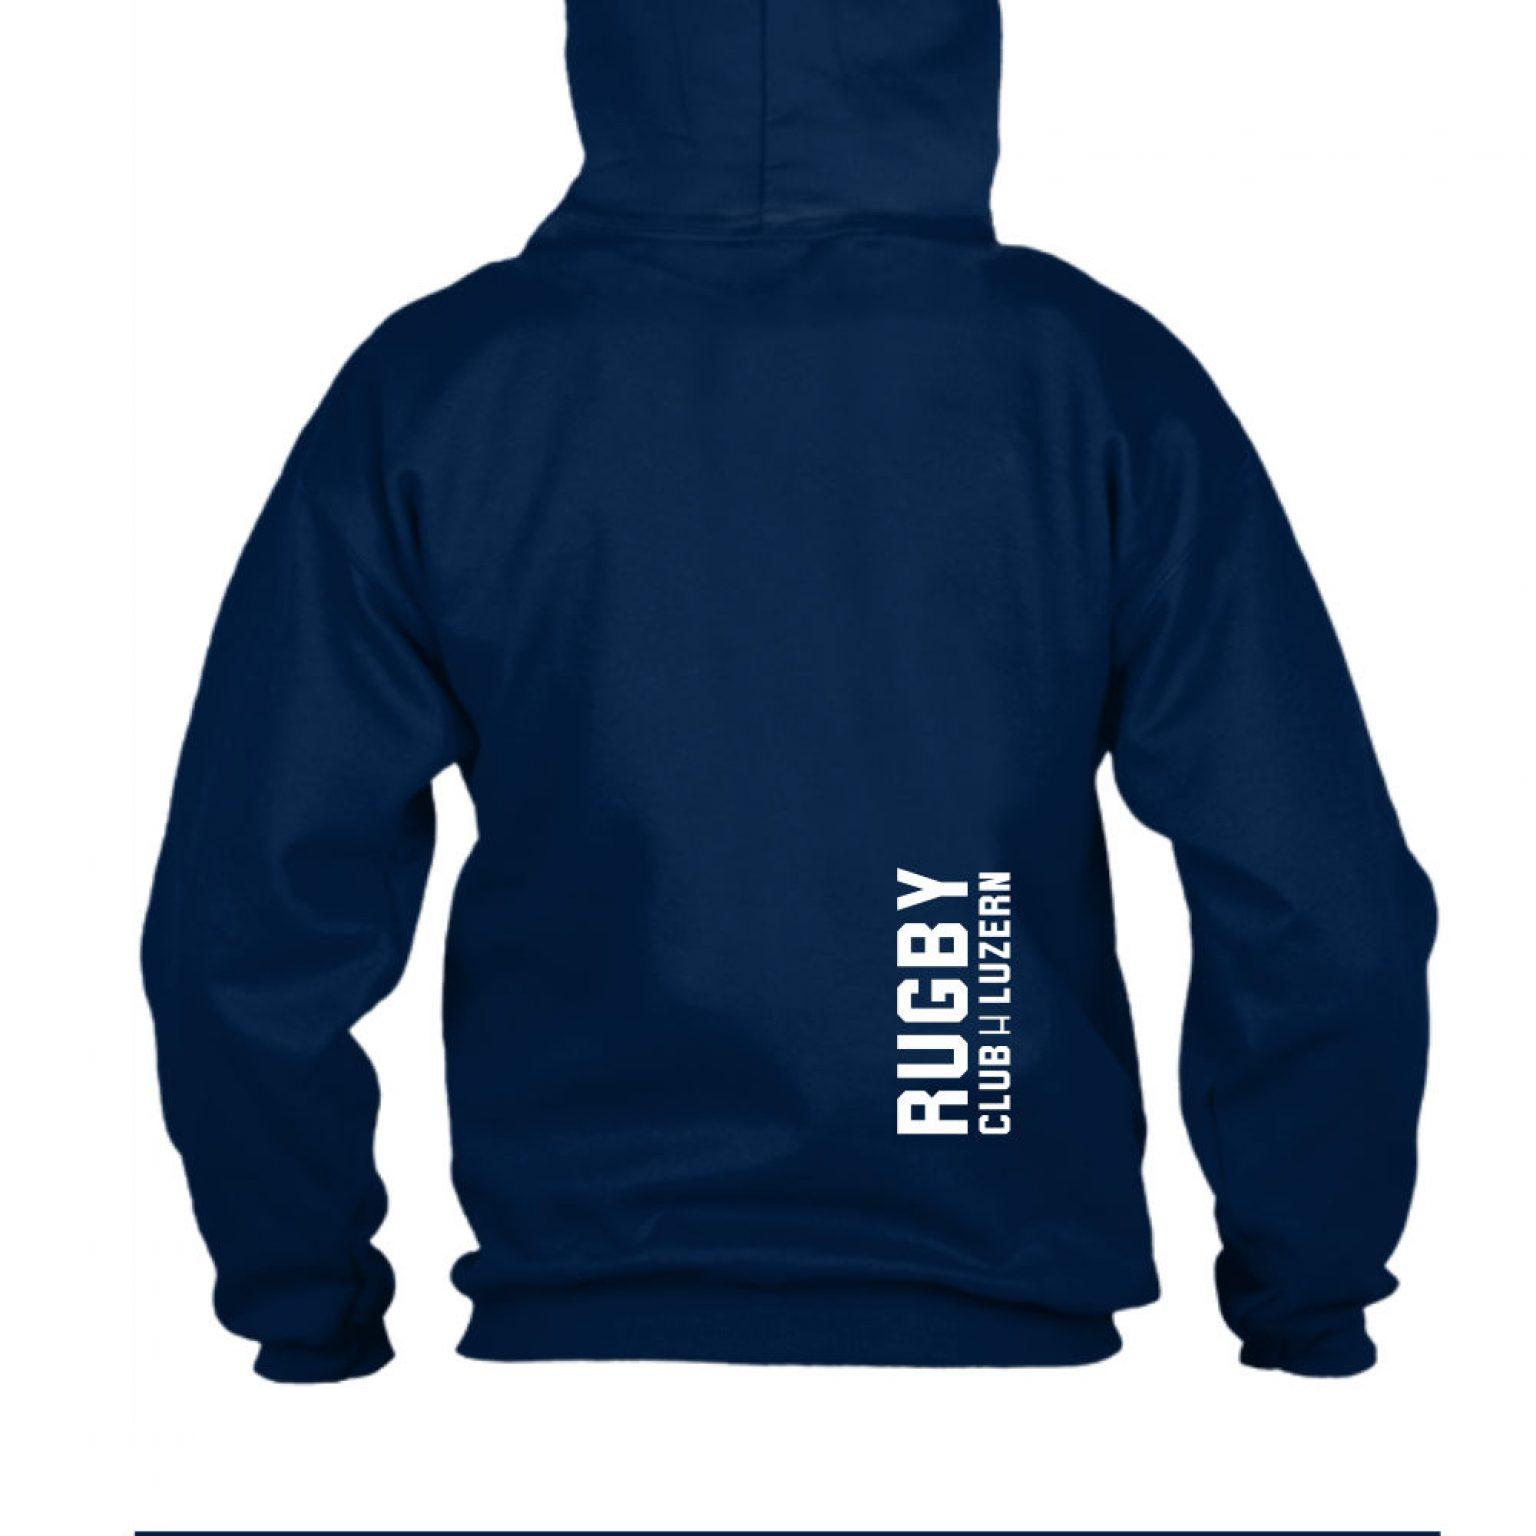 hoodie herren back navy